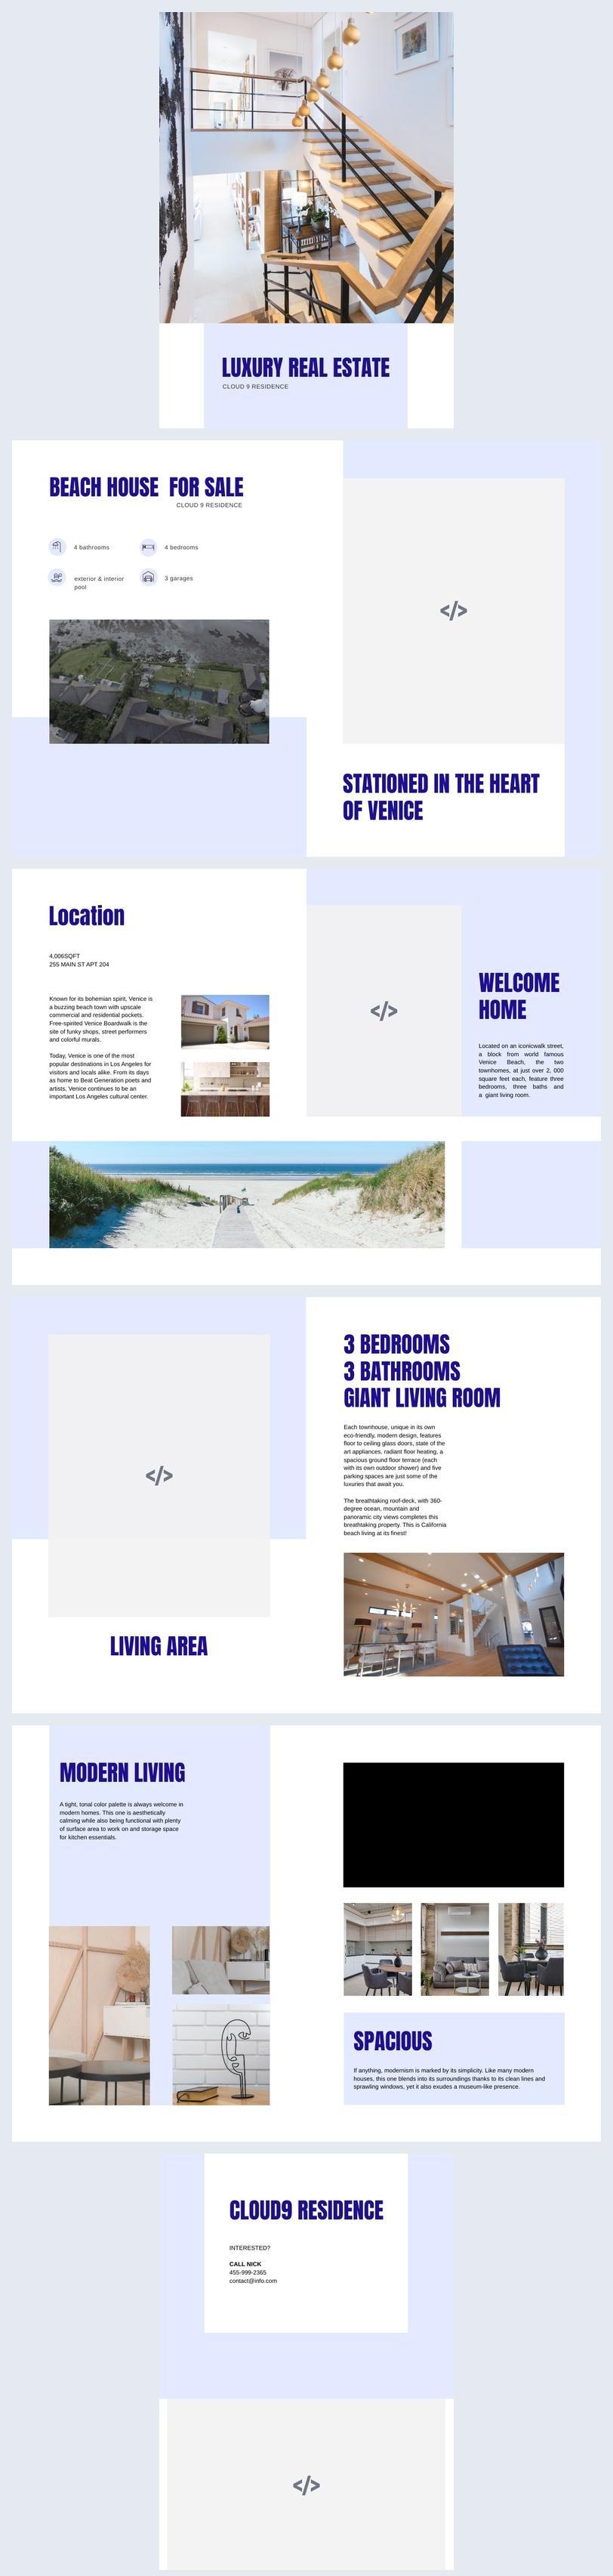 Exemple et design de brochure immobilière de luxe